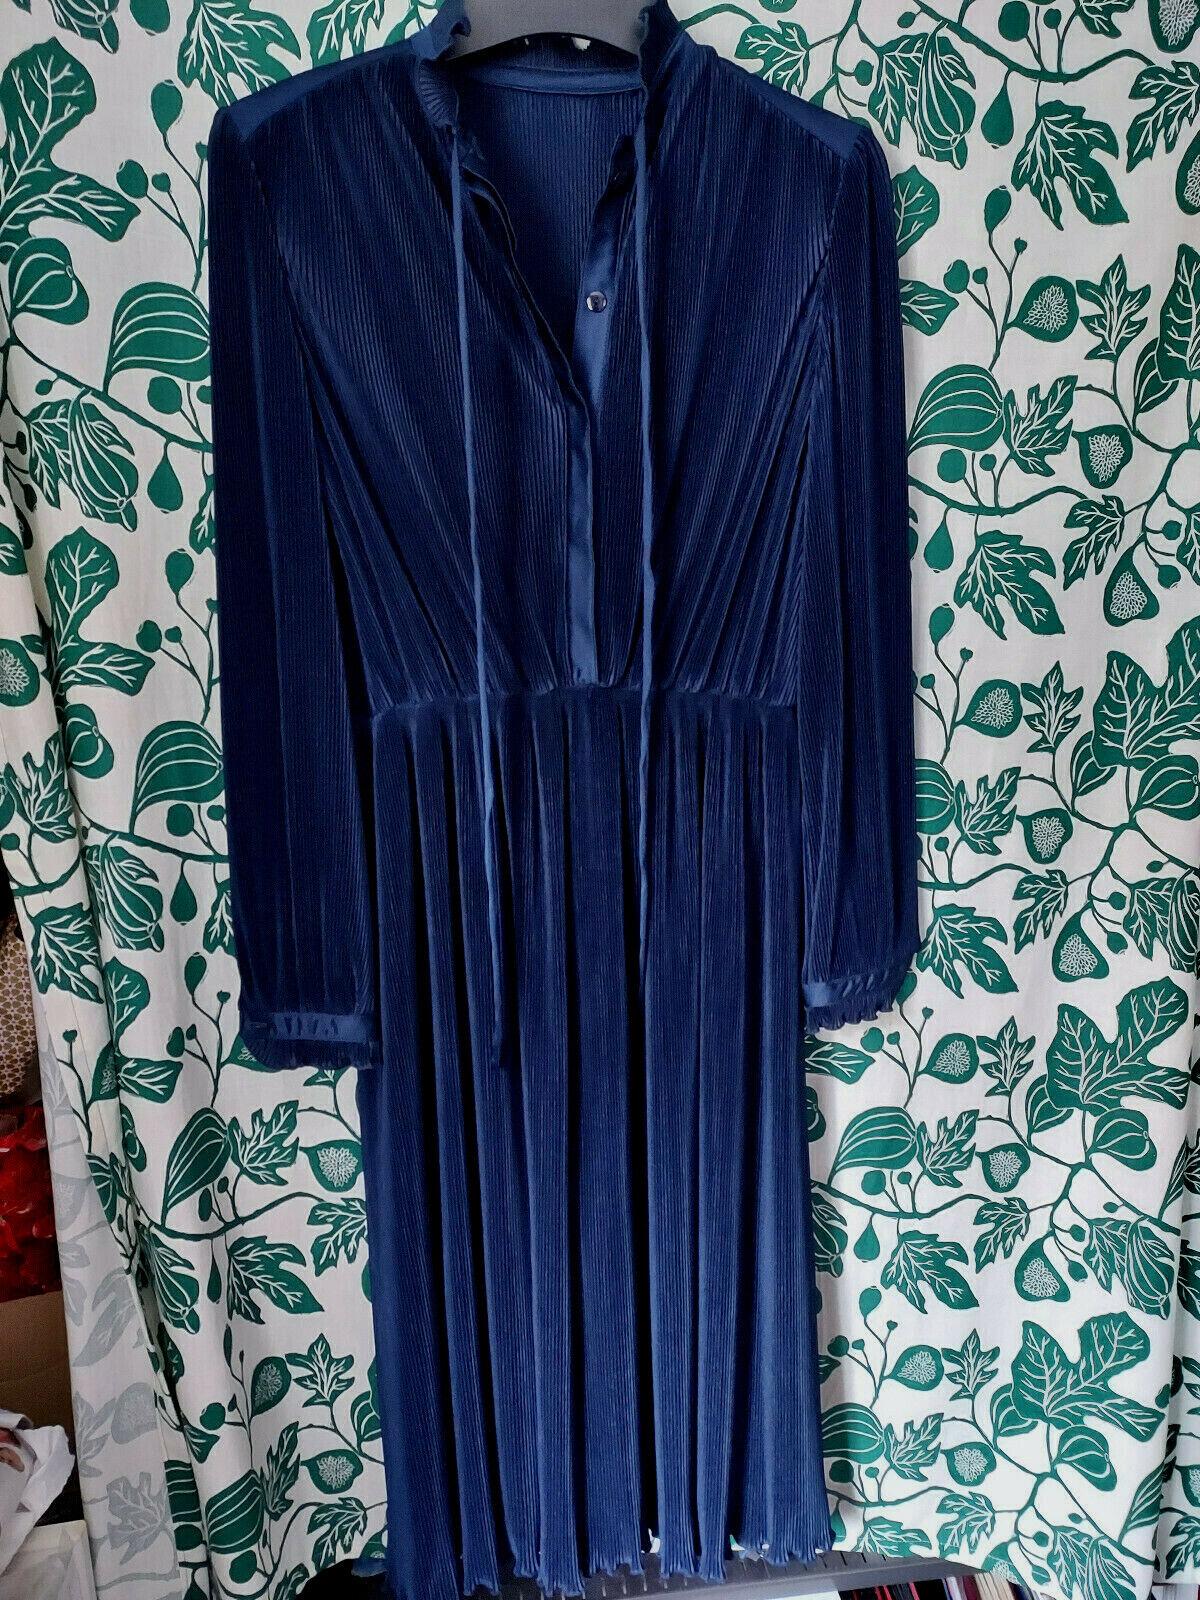 del mod Kleid Gr. 42 dunkelblau Plissee Herbst Midikleid edel neuwertig 129